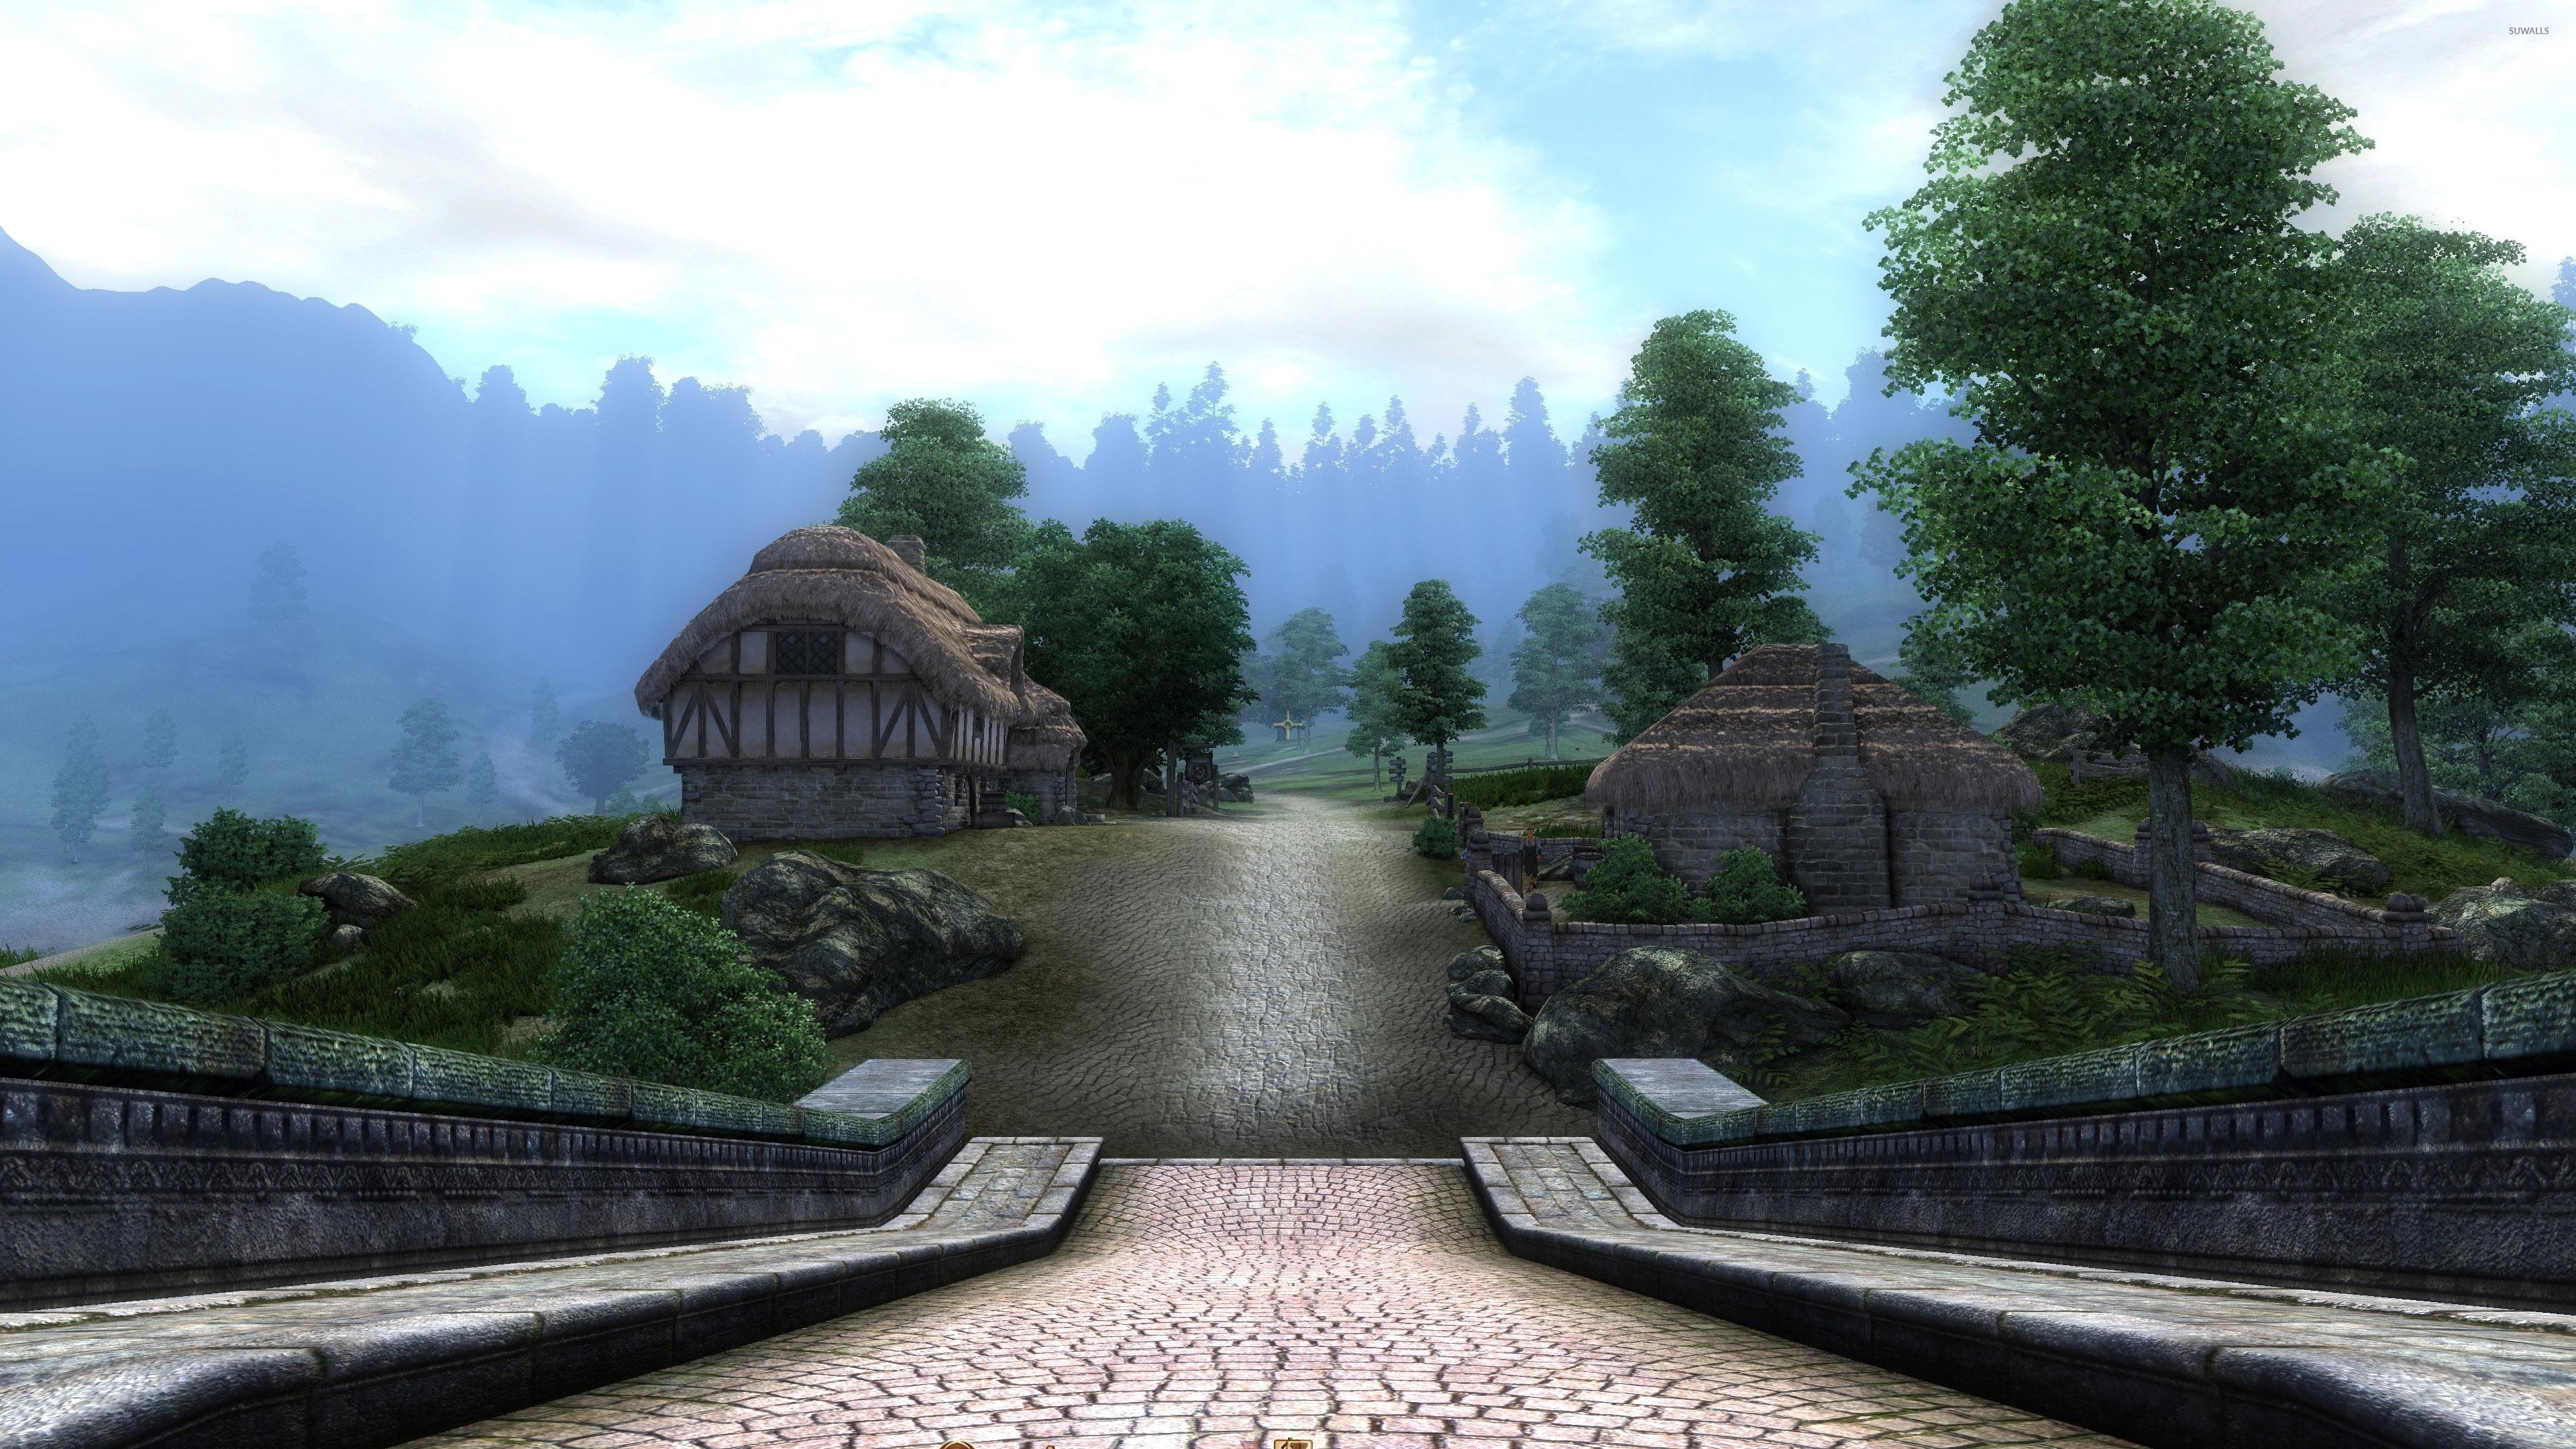 The Elder Scrolls V Skyrim 42 Wallpaper Game Wallpapers 37336